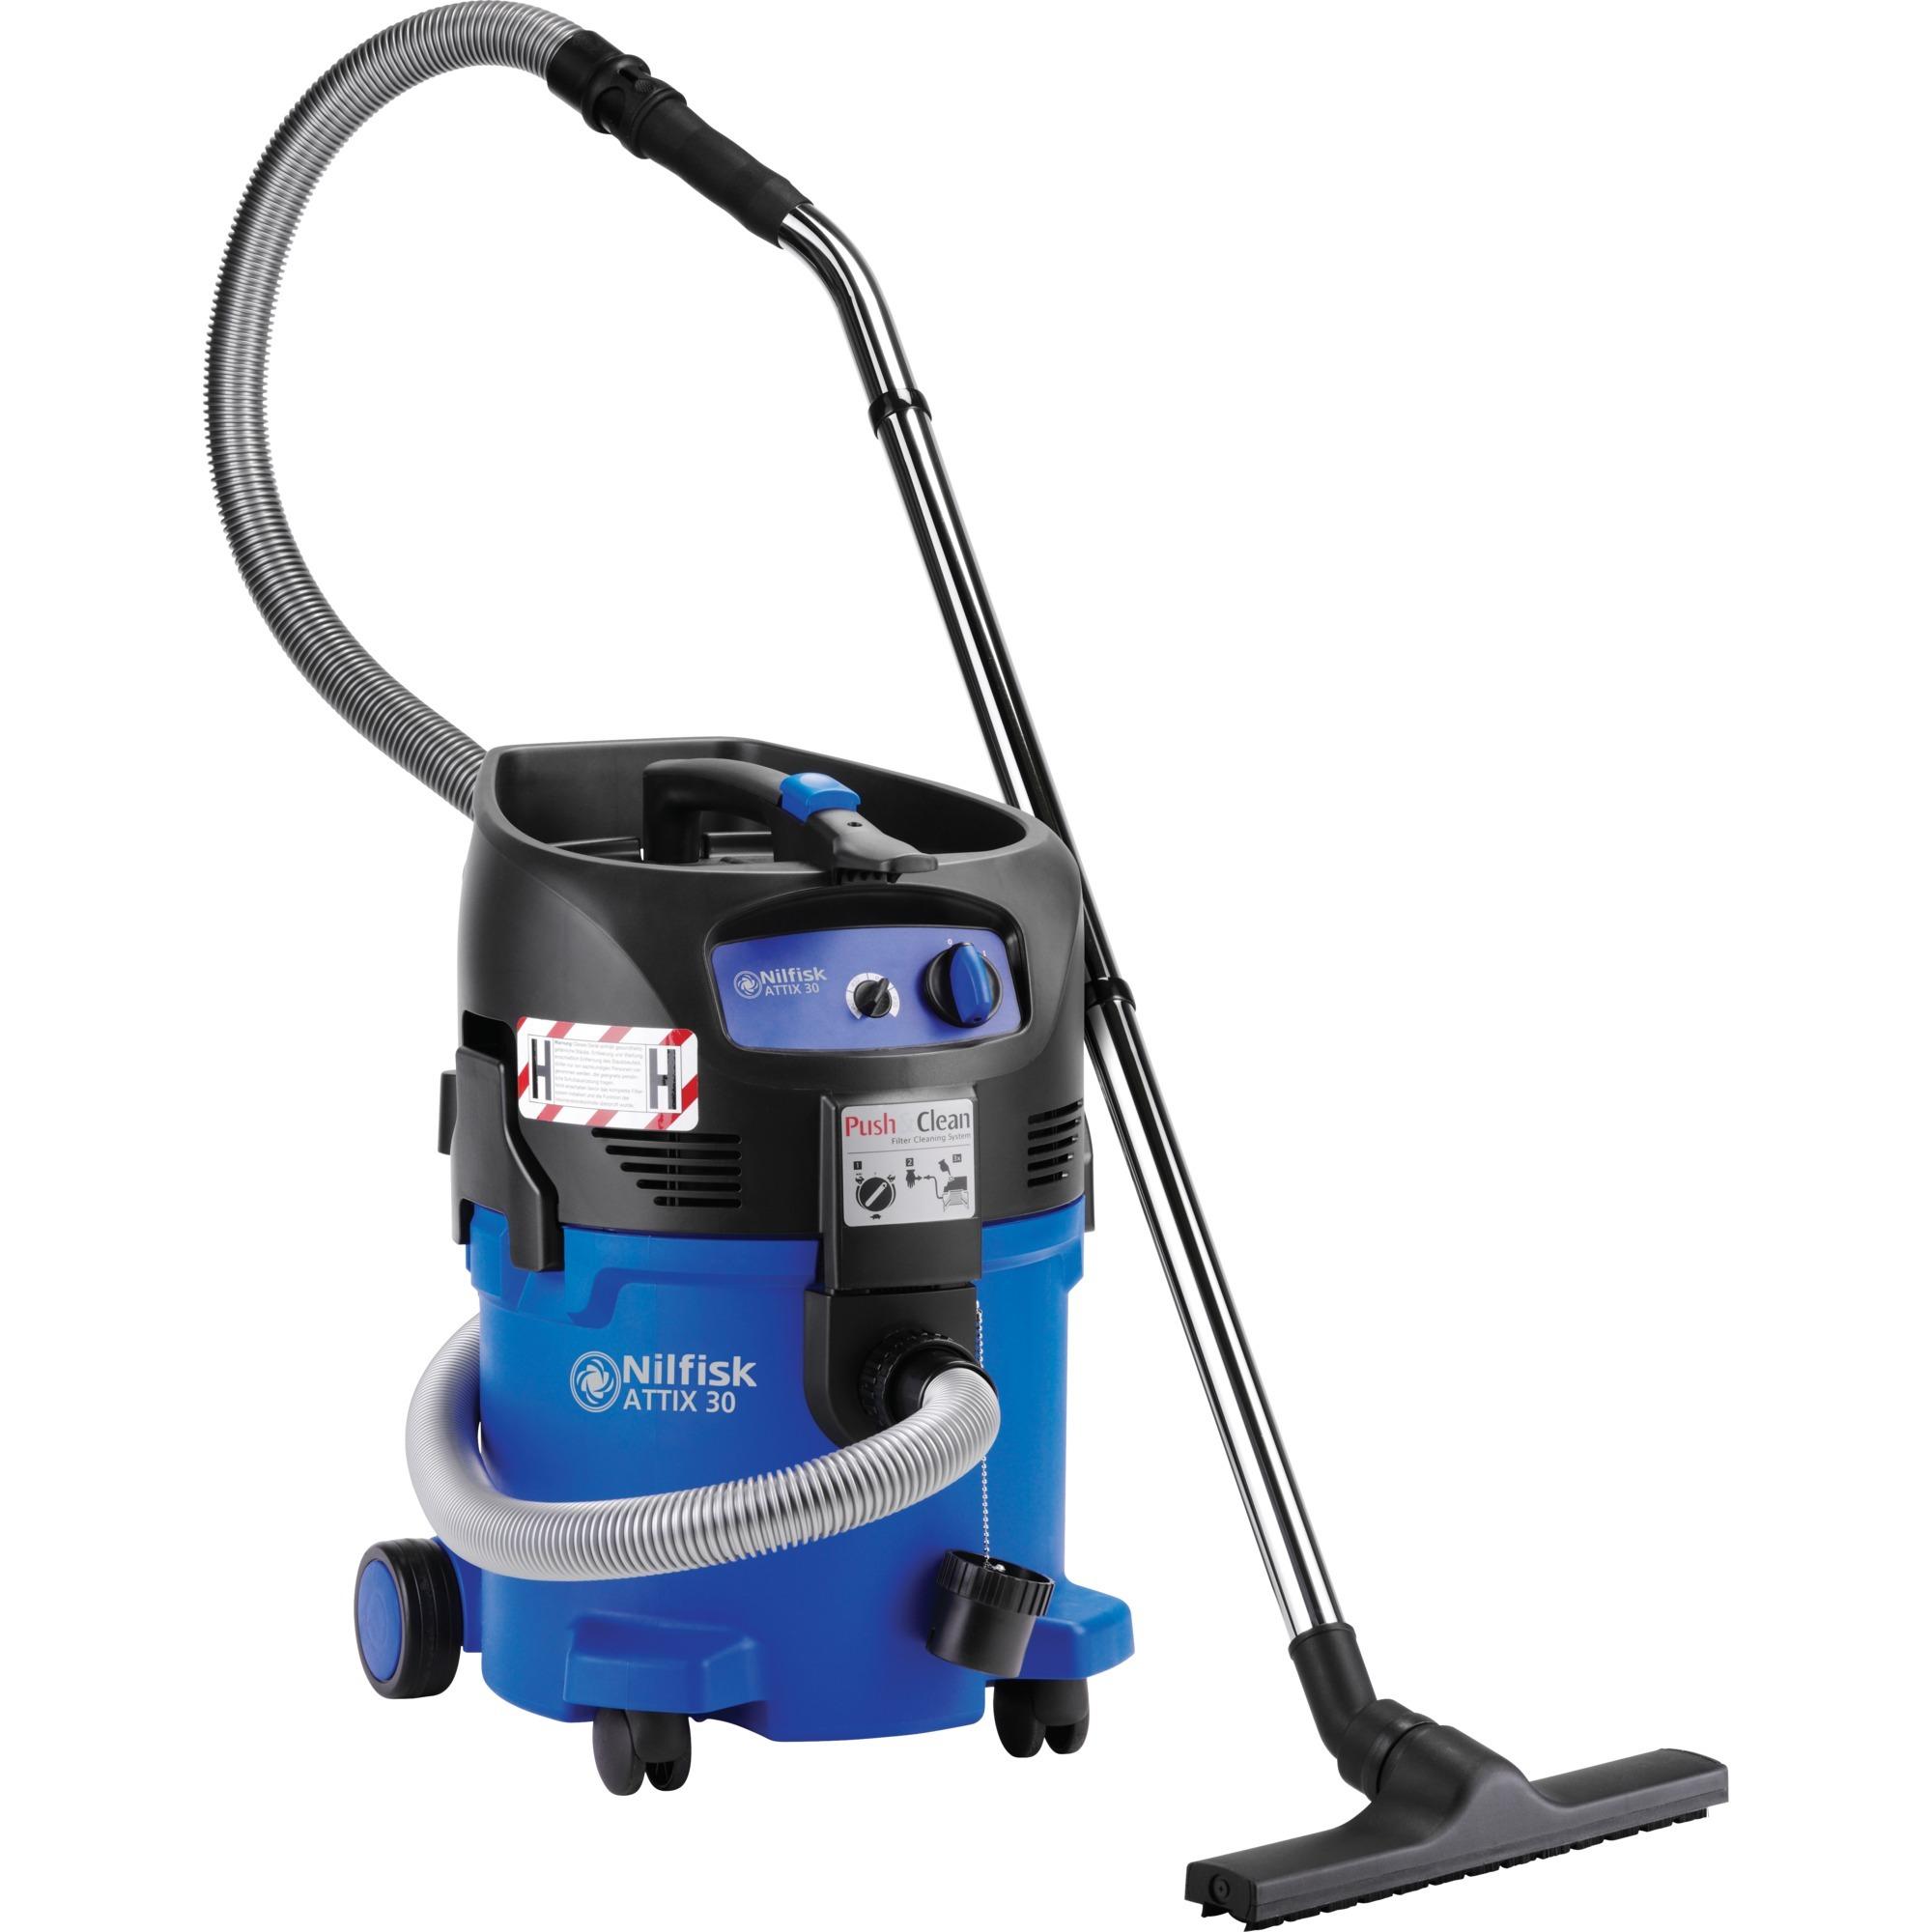 ATTIX 30-0H PC Aspiradora de tambor 30L 1500W Negro, Azul, Aspiradora en húmedo y en seco